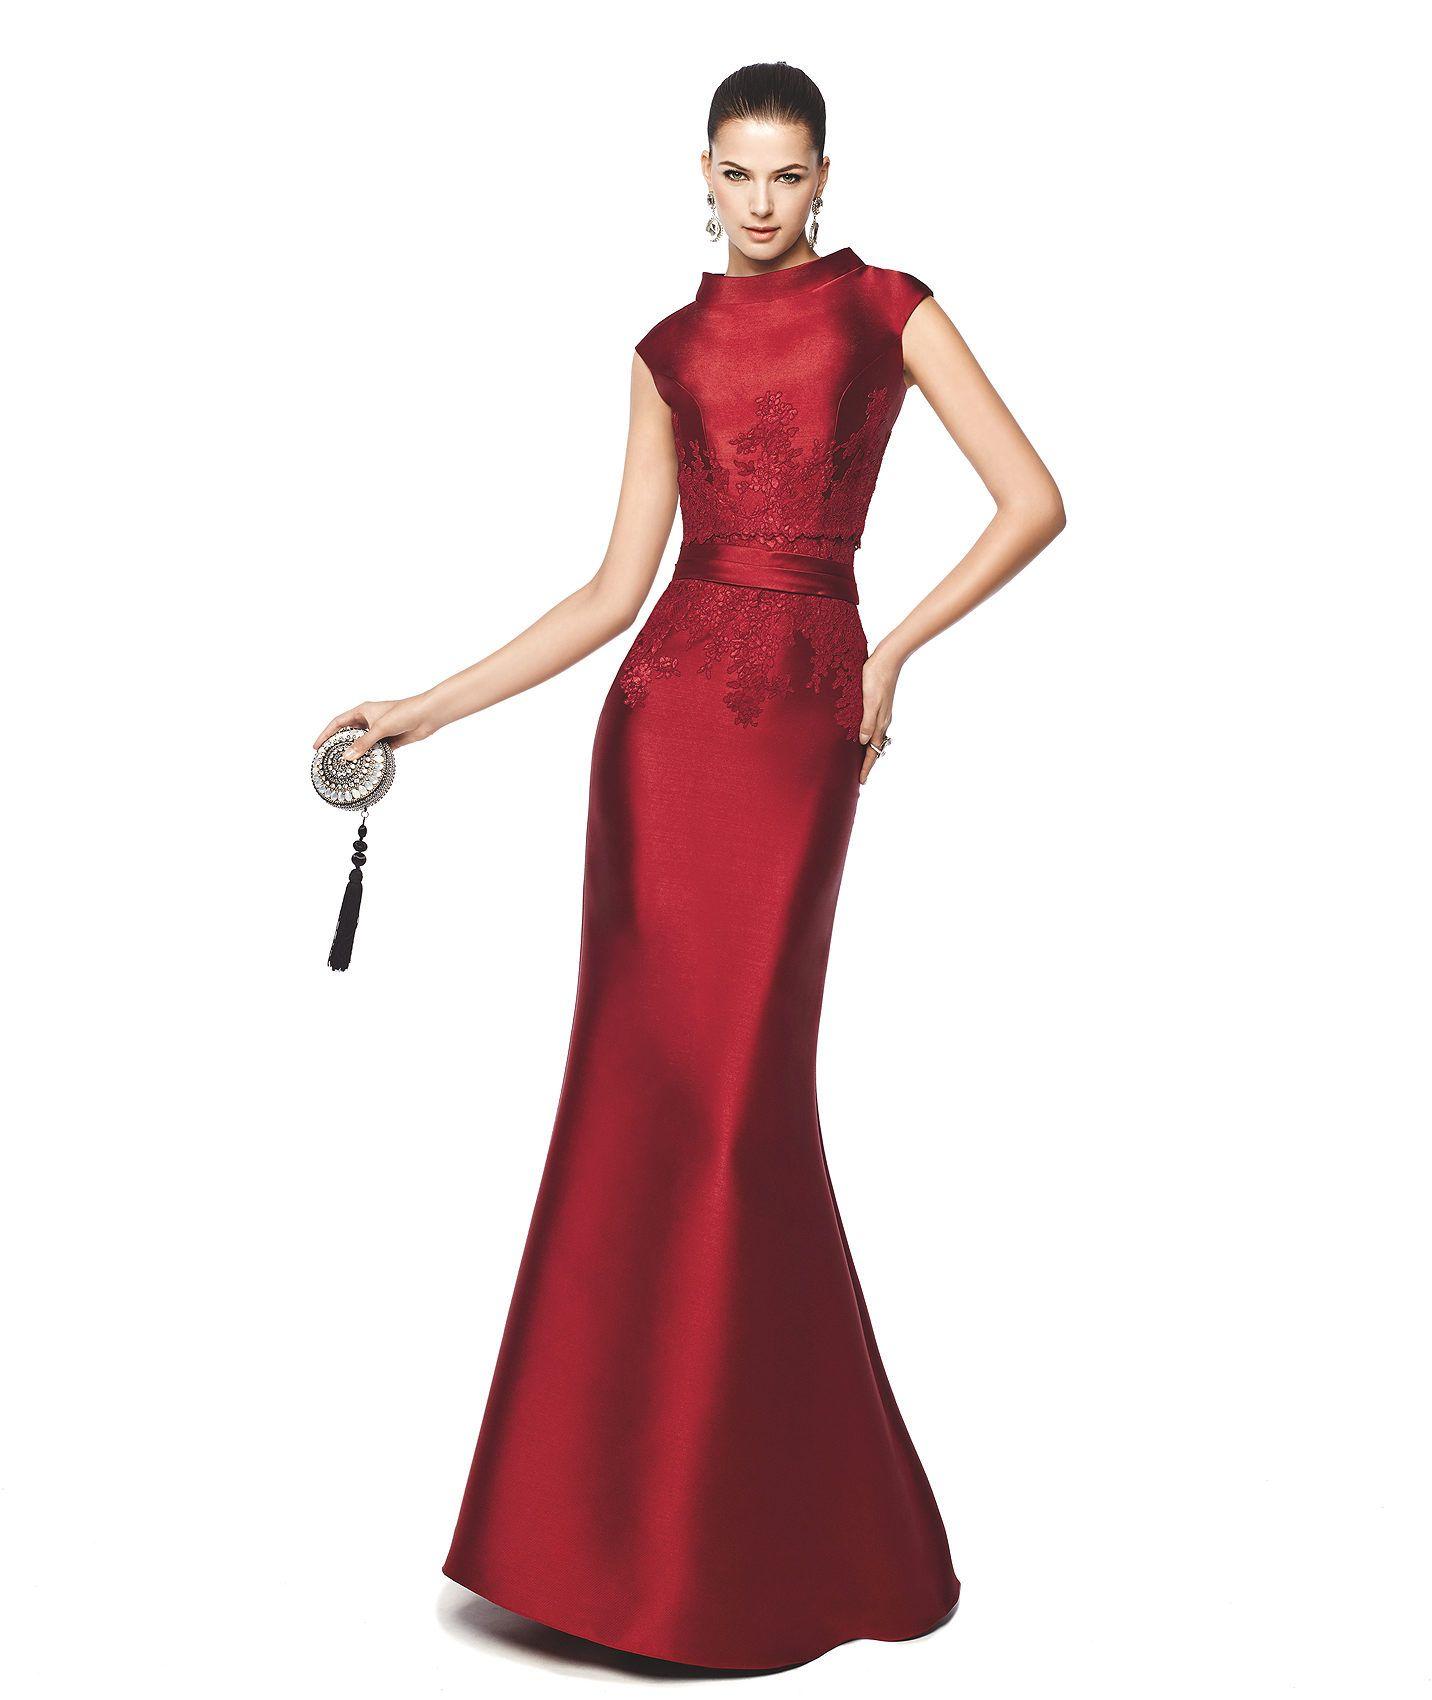 c865d2982 NAIRA - Vestido de festa corte sereia. Pronovias 2015